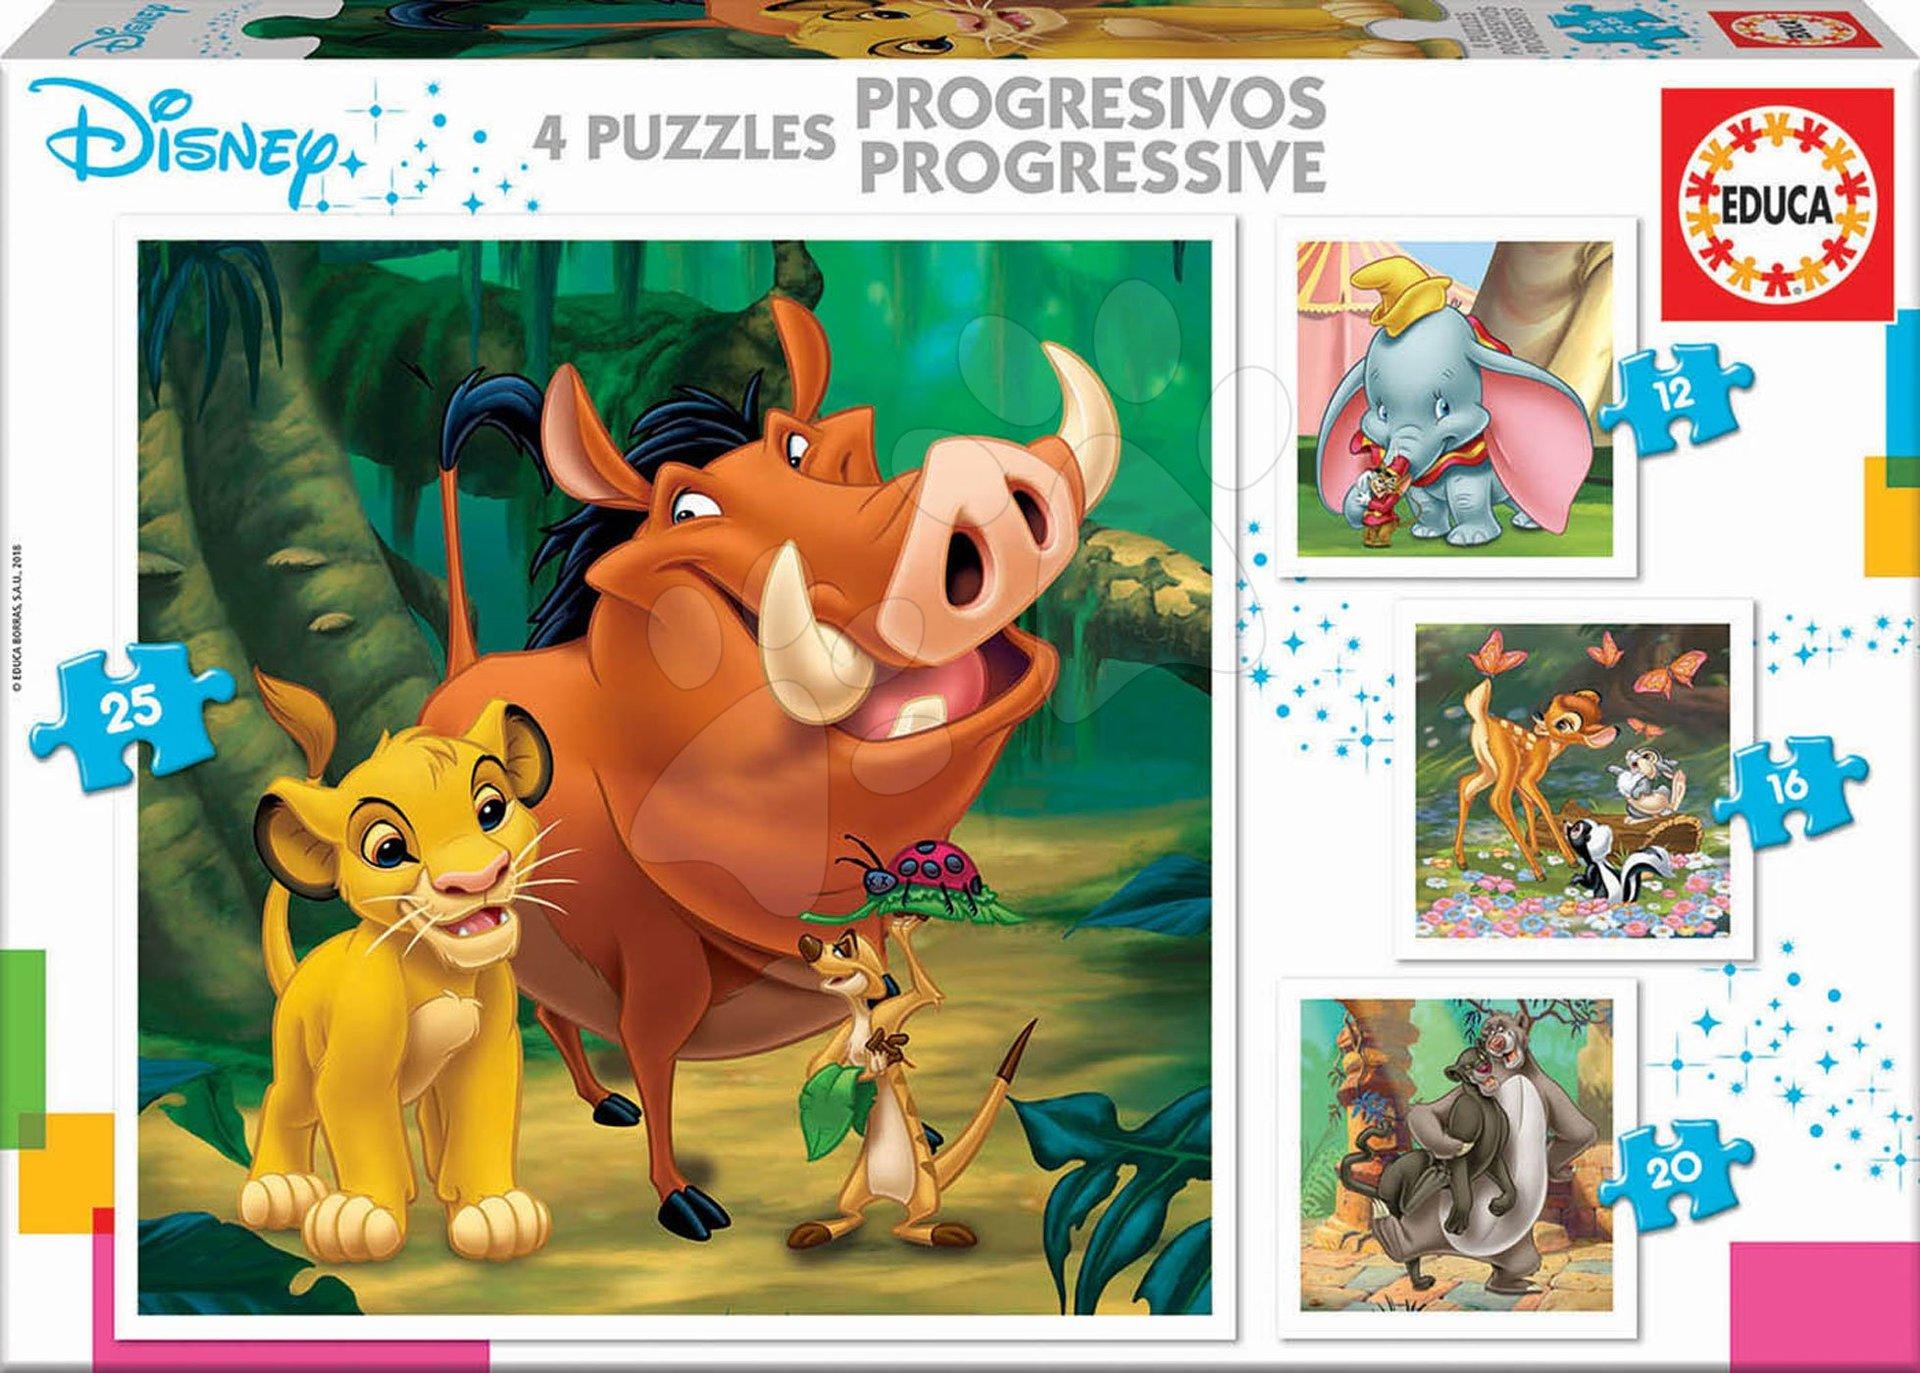 Progresivne dječje puzzle - Puzzle Kralj lavova Disney Progressive Educa 12-16-20-25 dijelova